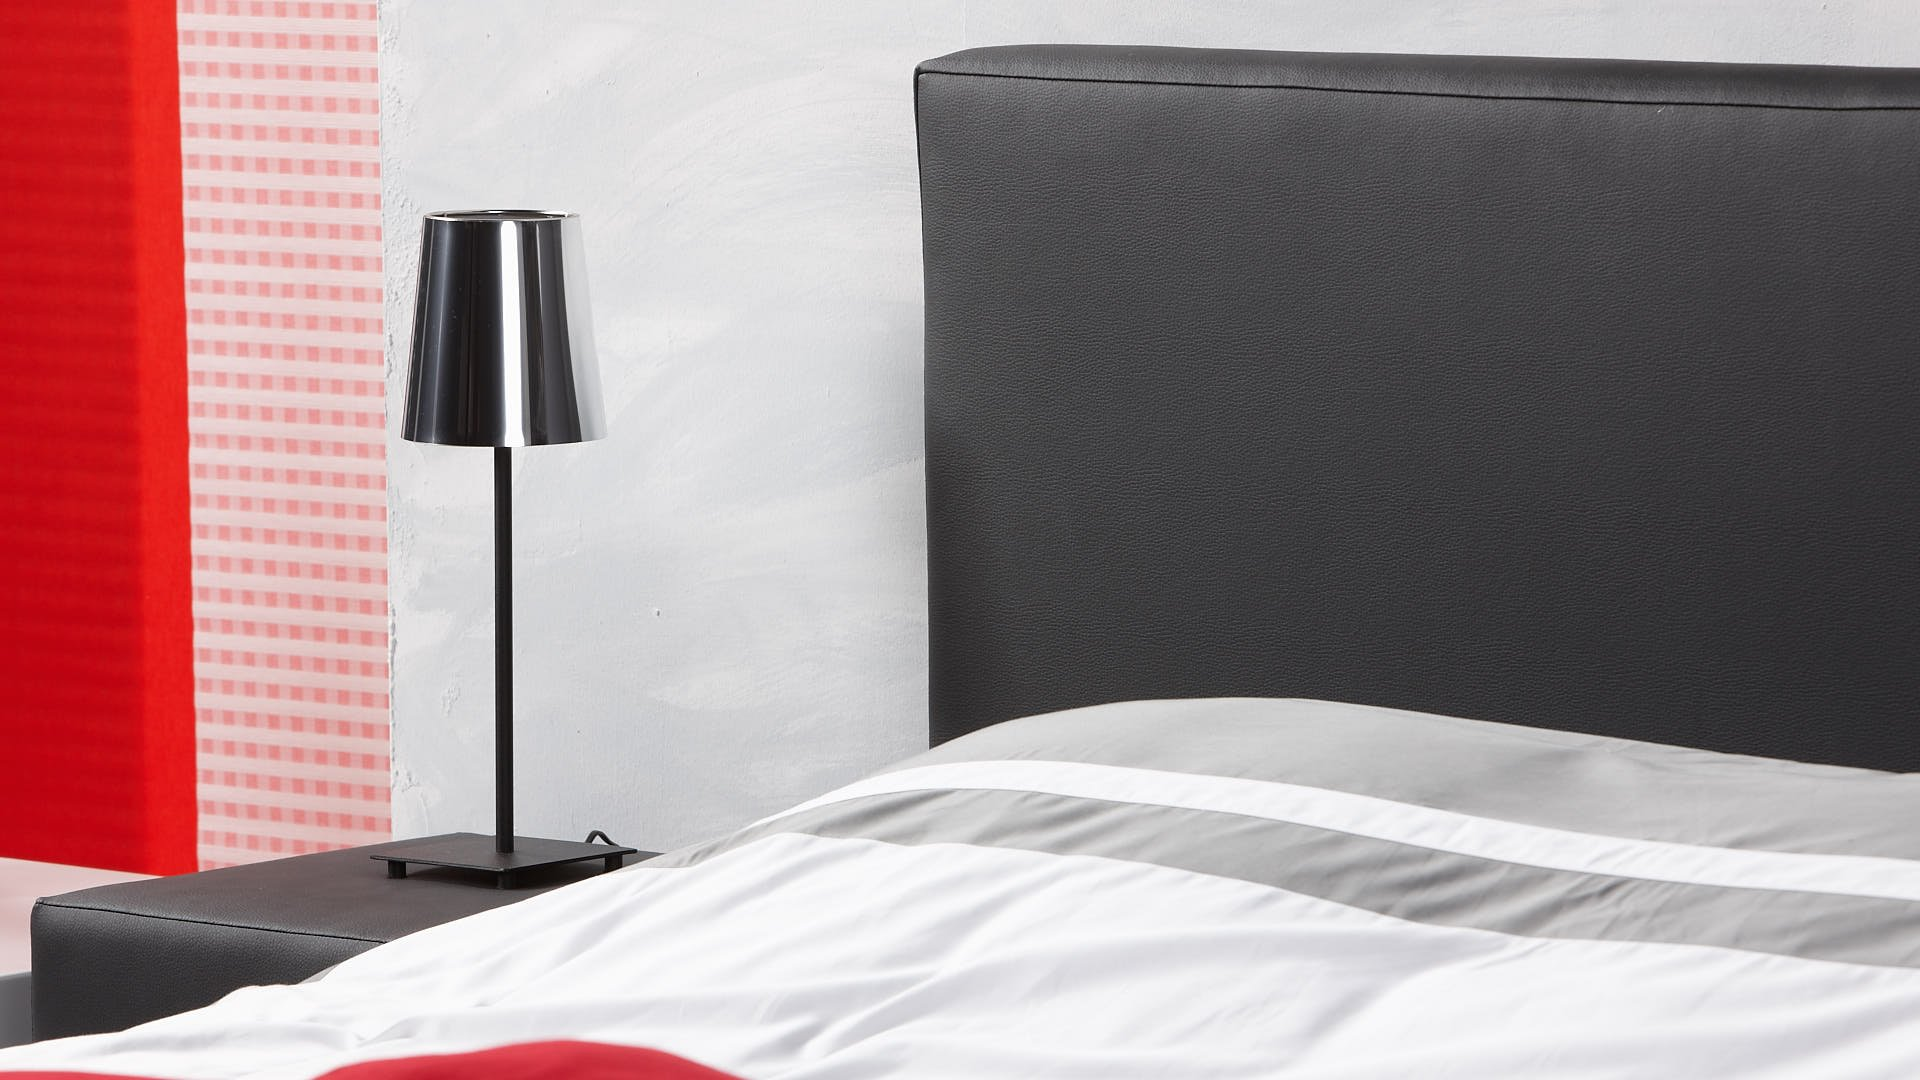 waterbed hoofdbord even breed als het bed